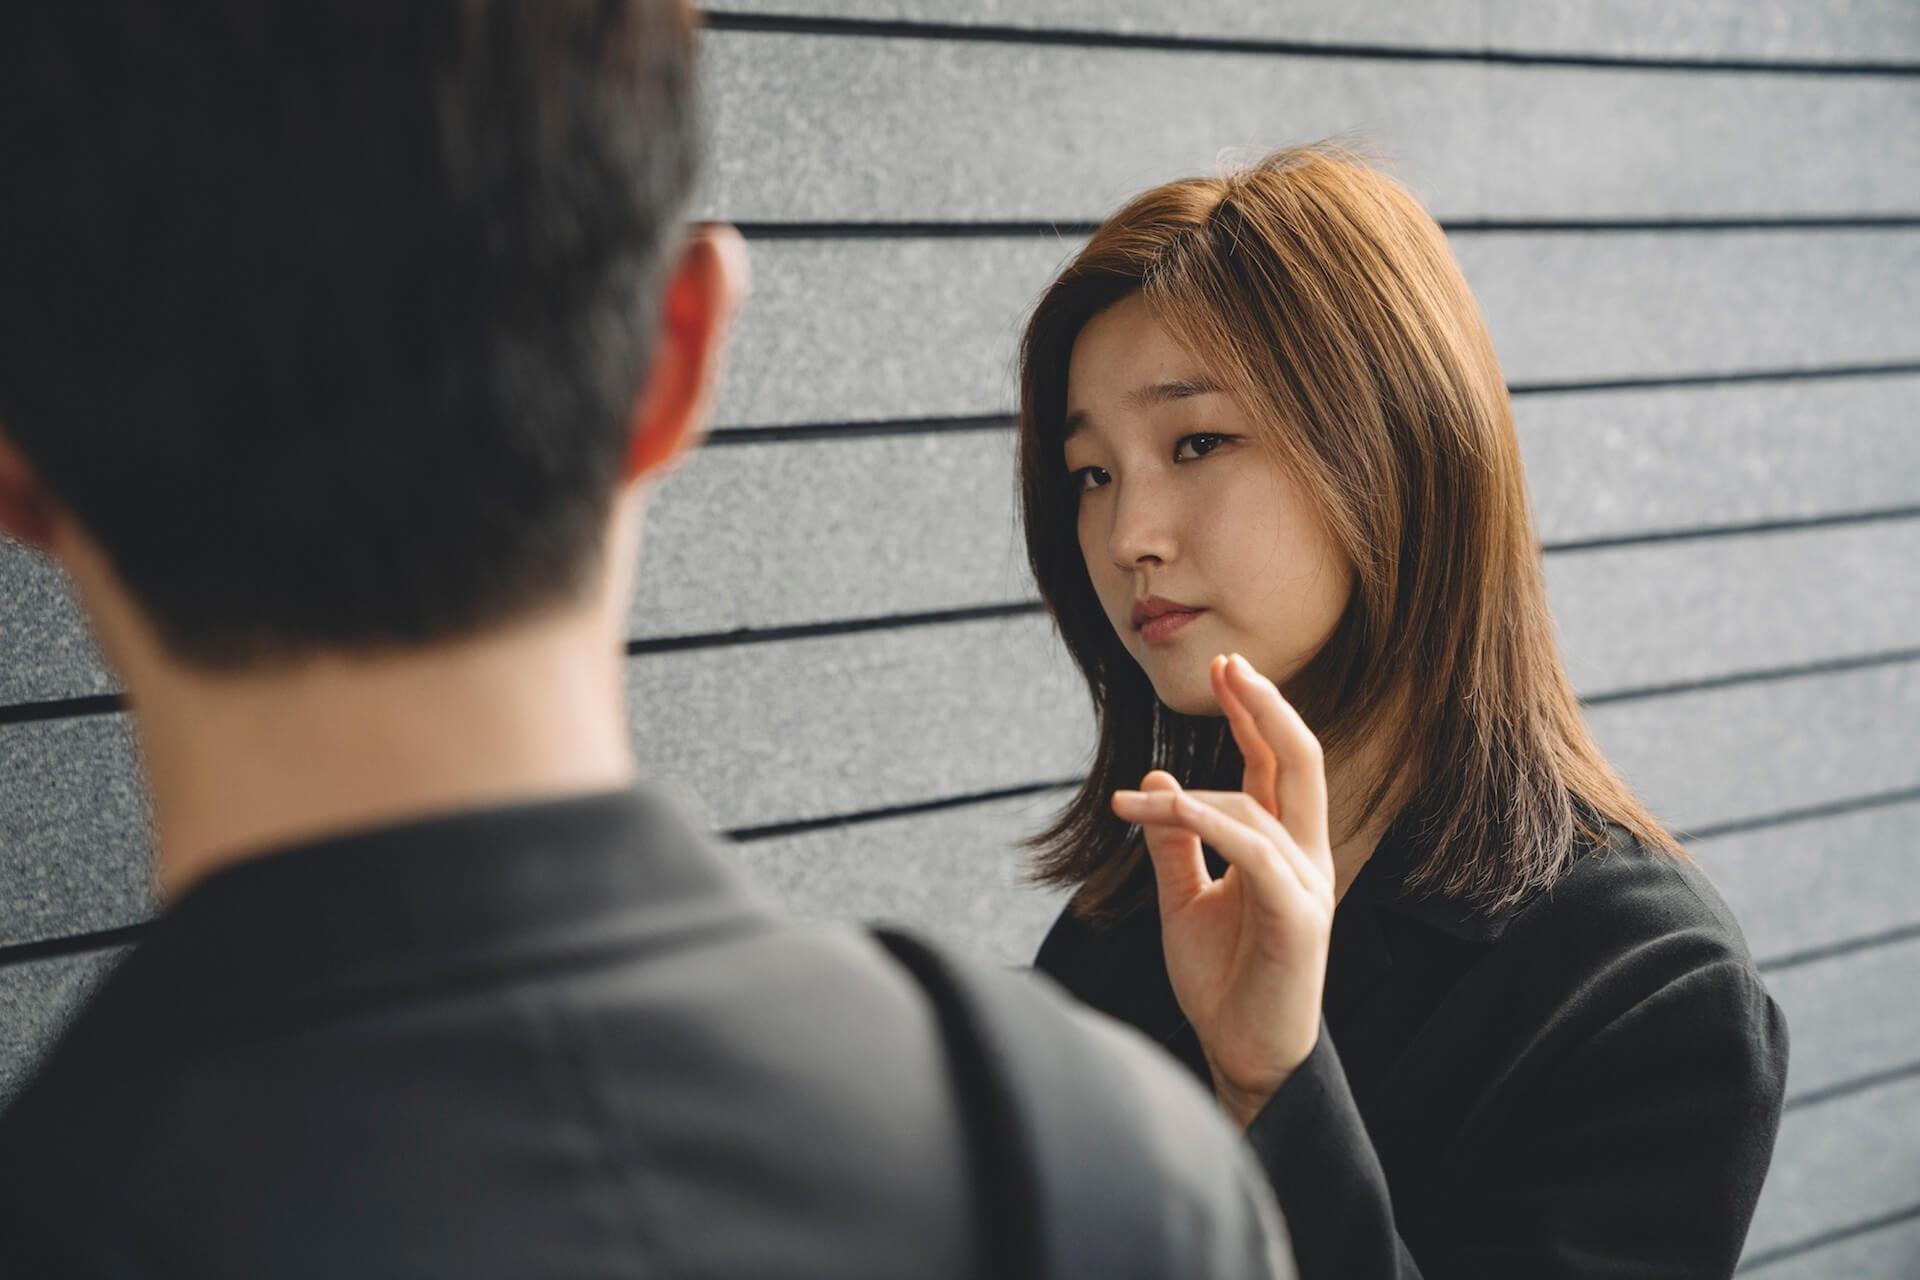 全世界が熱狂する『パラサイト 半地下の家族』出演キャスト陣からコメントが到着「韓国映画の進化として認識することでしょう」 film191030_parasite_3